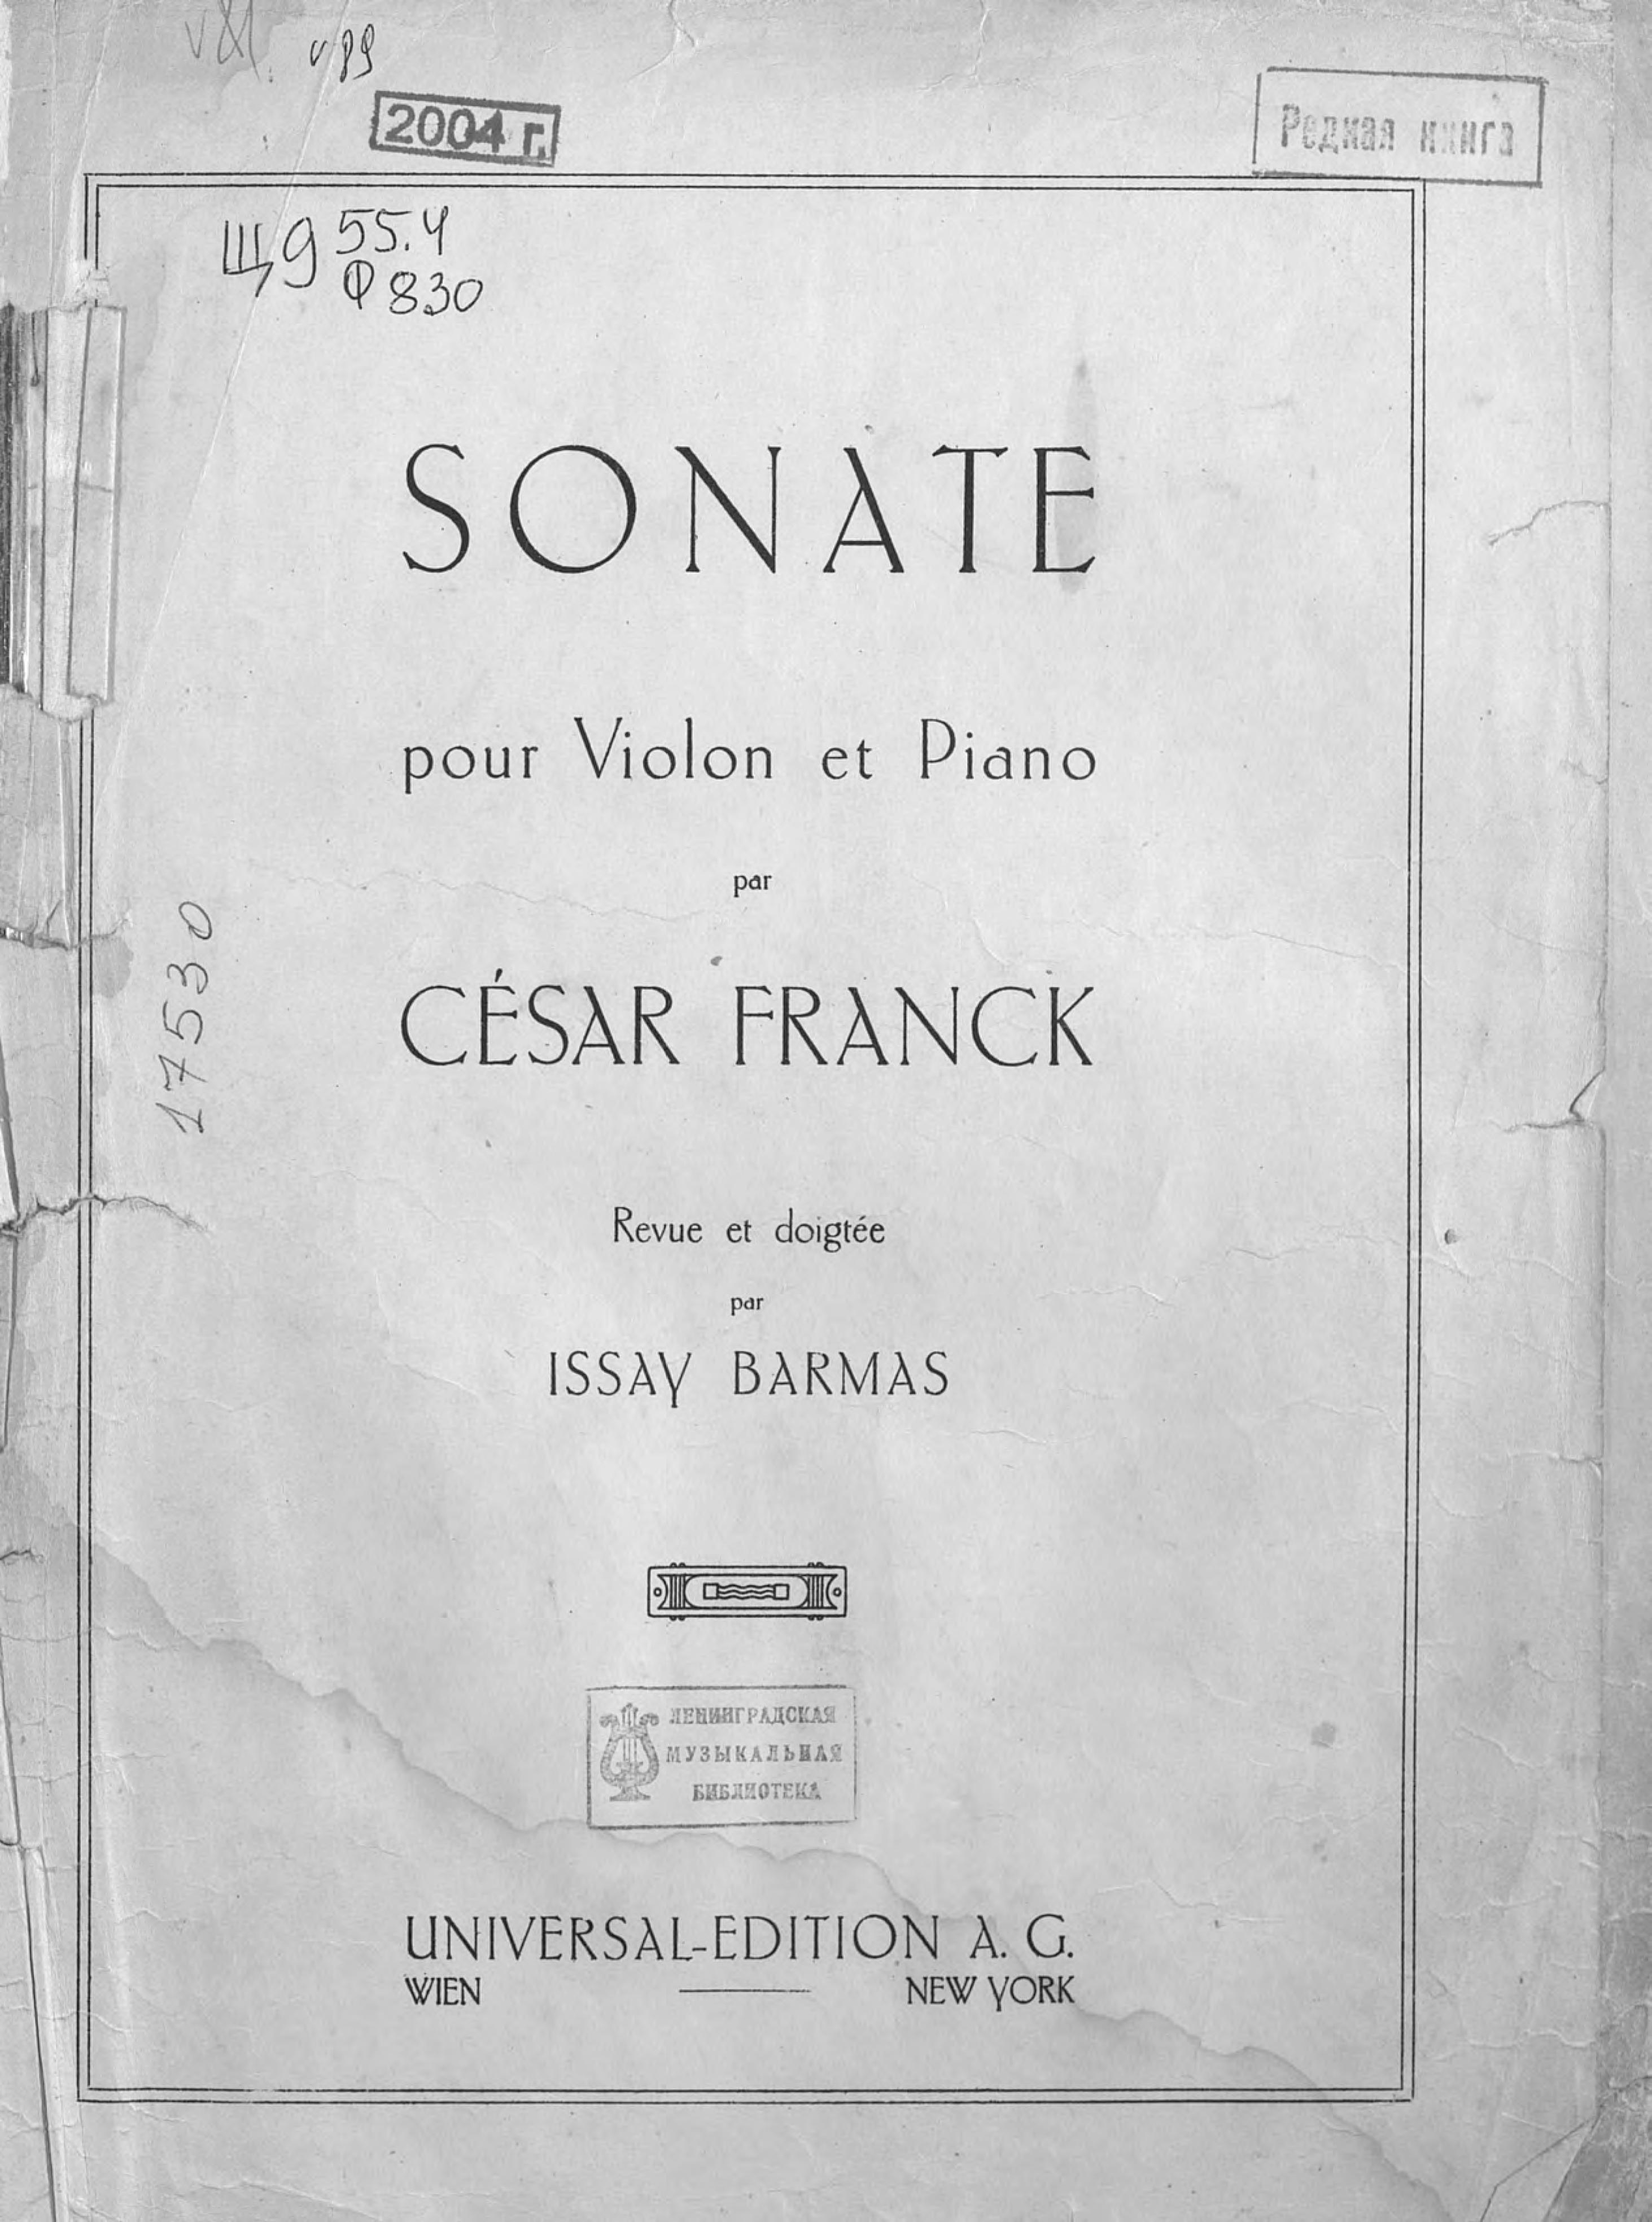 Сезар Франк Sonate pour Violon et Piano цена